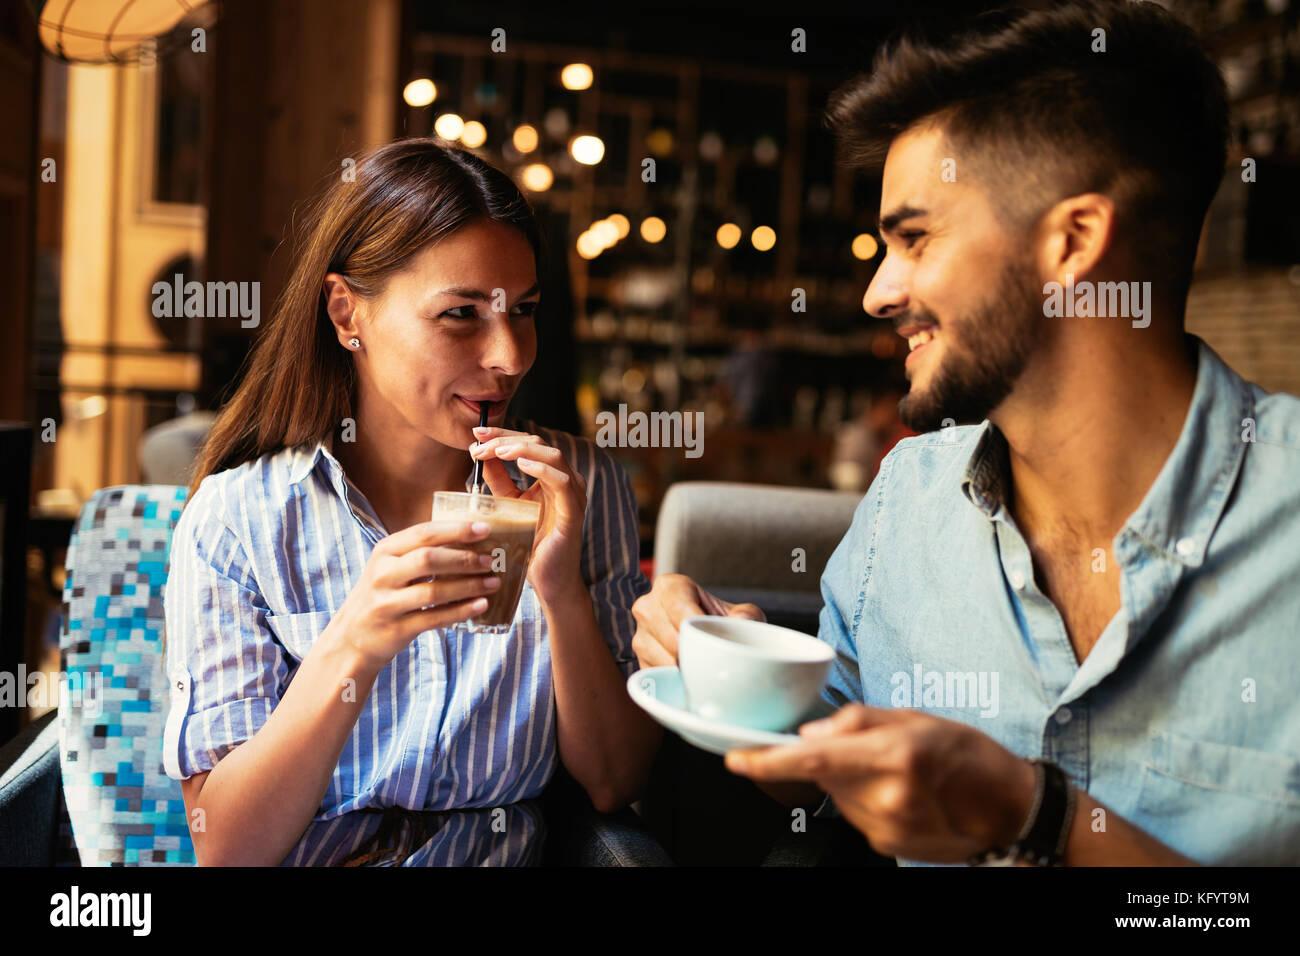 Junge attraktive Paar auf Datum im Coffee Shop Stockbild